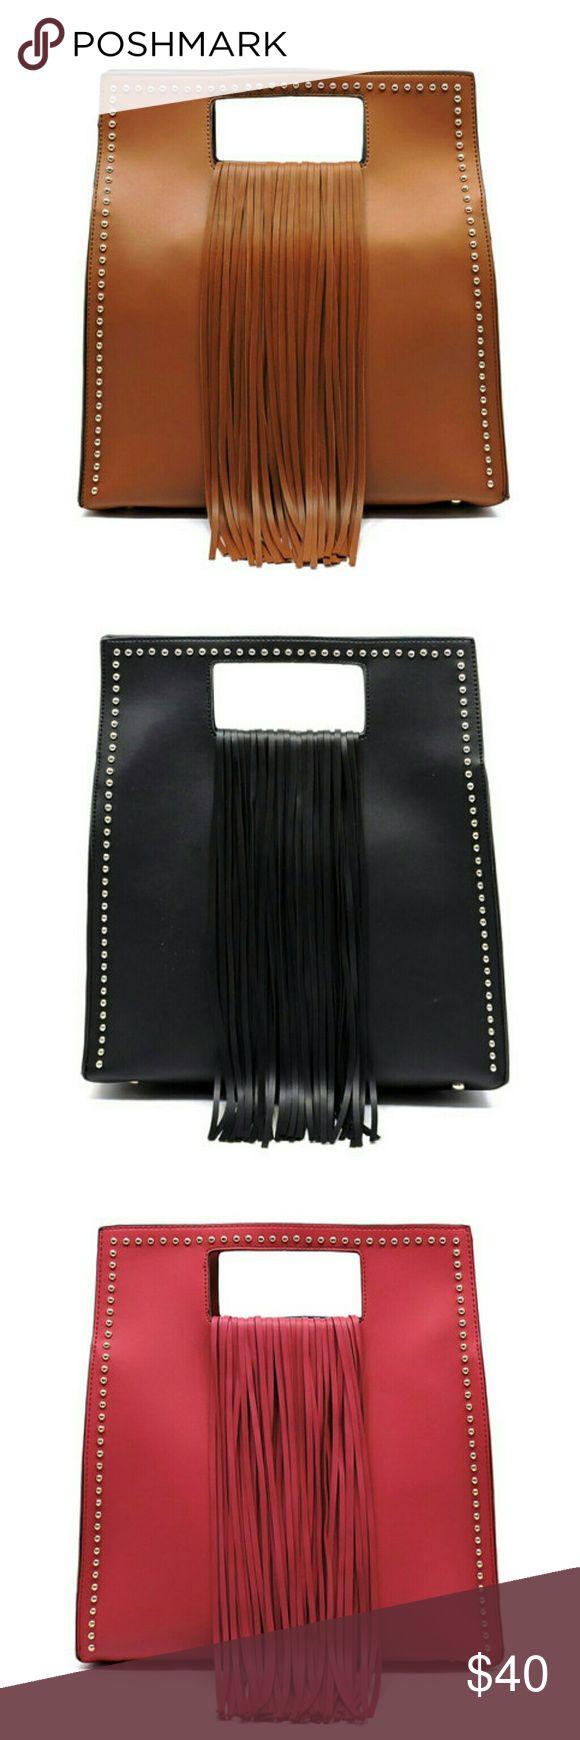 Designet Inspired Handbag Designer inspired handbag? Faux vegan leather? Zip top closure? Gold-tone hardware? Detachable shoulder strap? L 13.5 * H 14 * W 5 Other